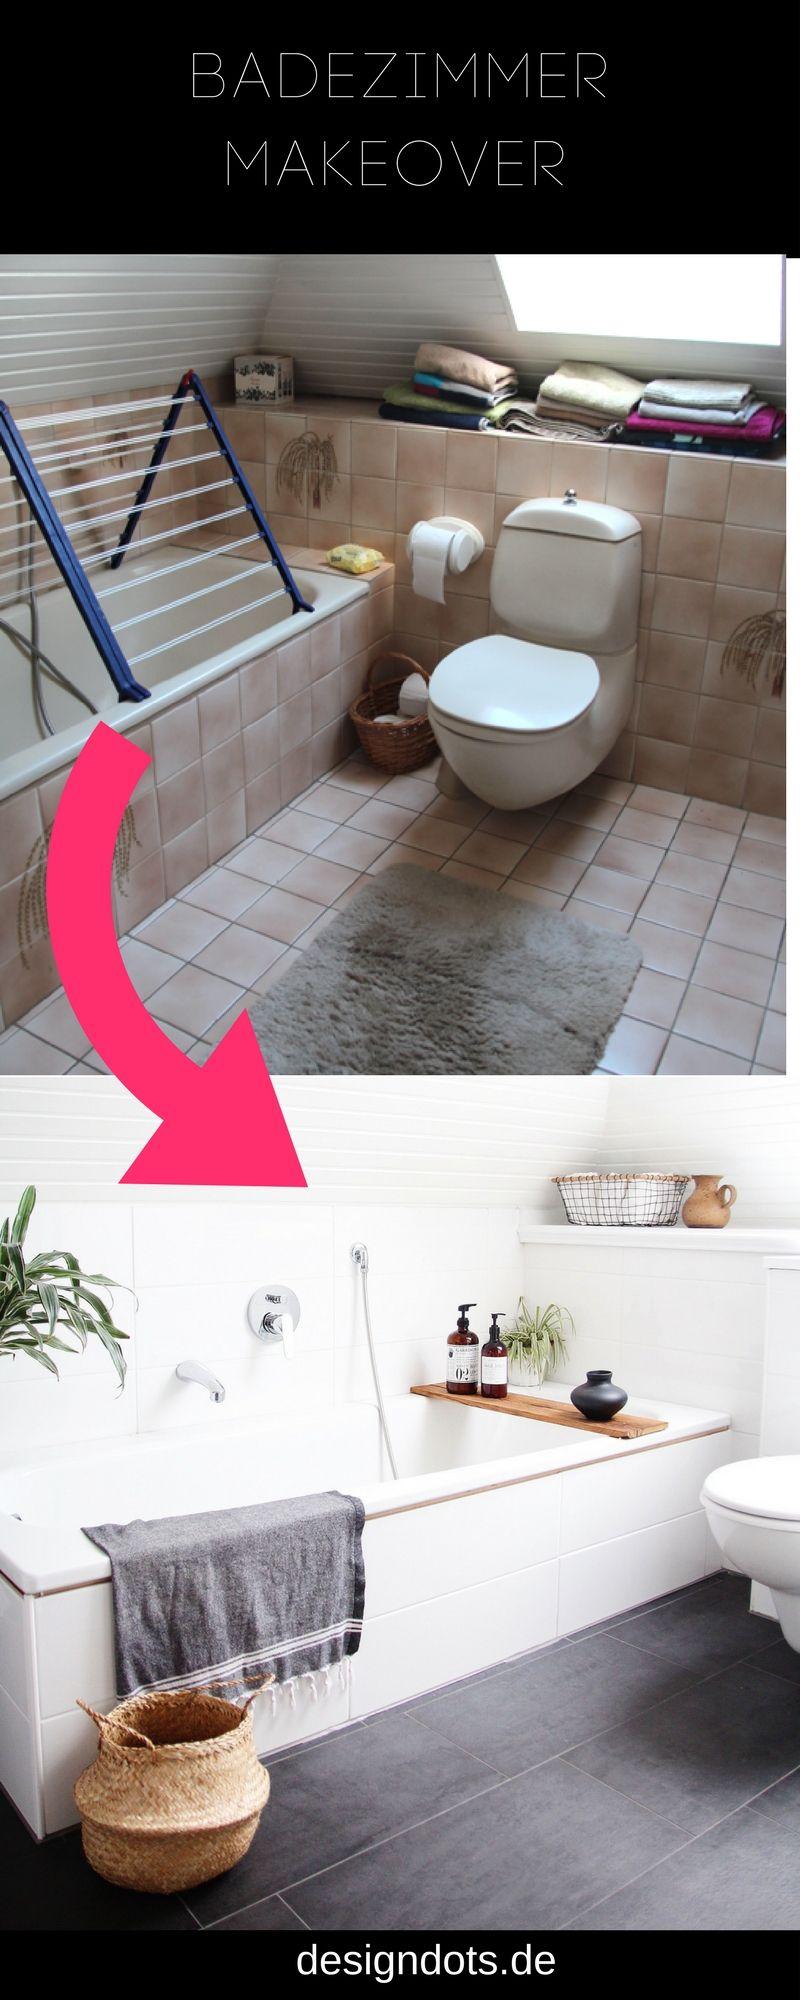 Badezimmer Selbst Renovieren Badrenovierung Badezimmer Kleine Badezimmer Inspiration